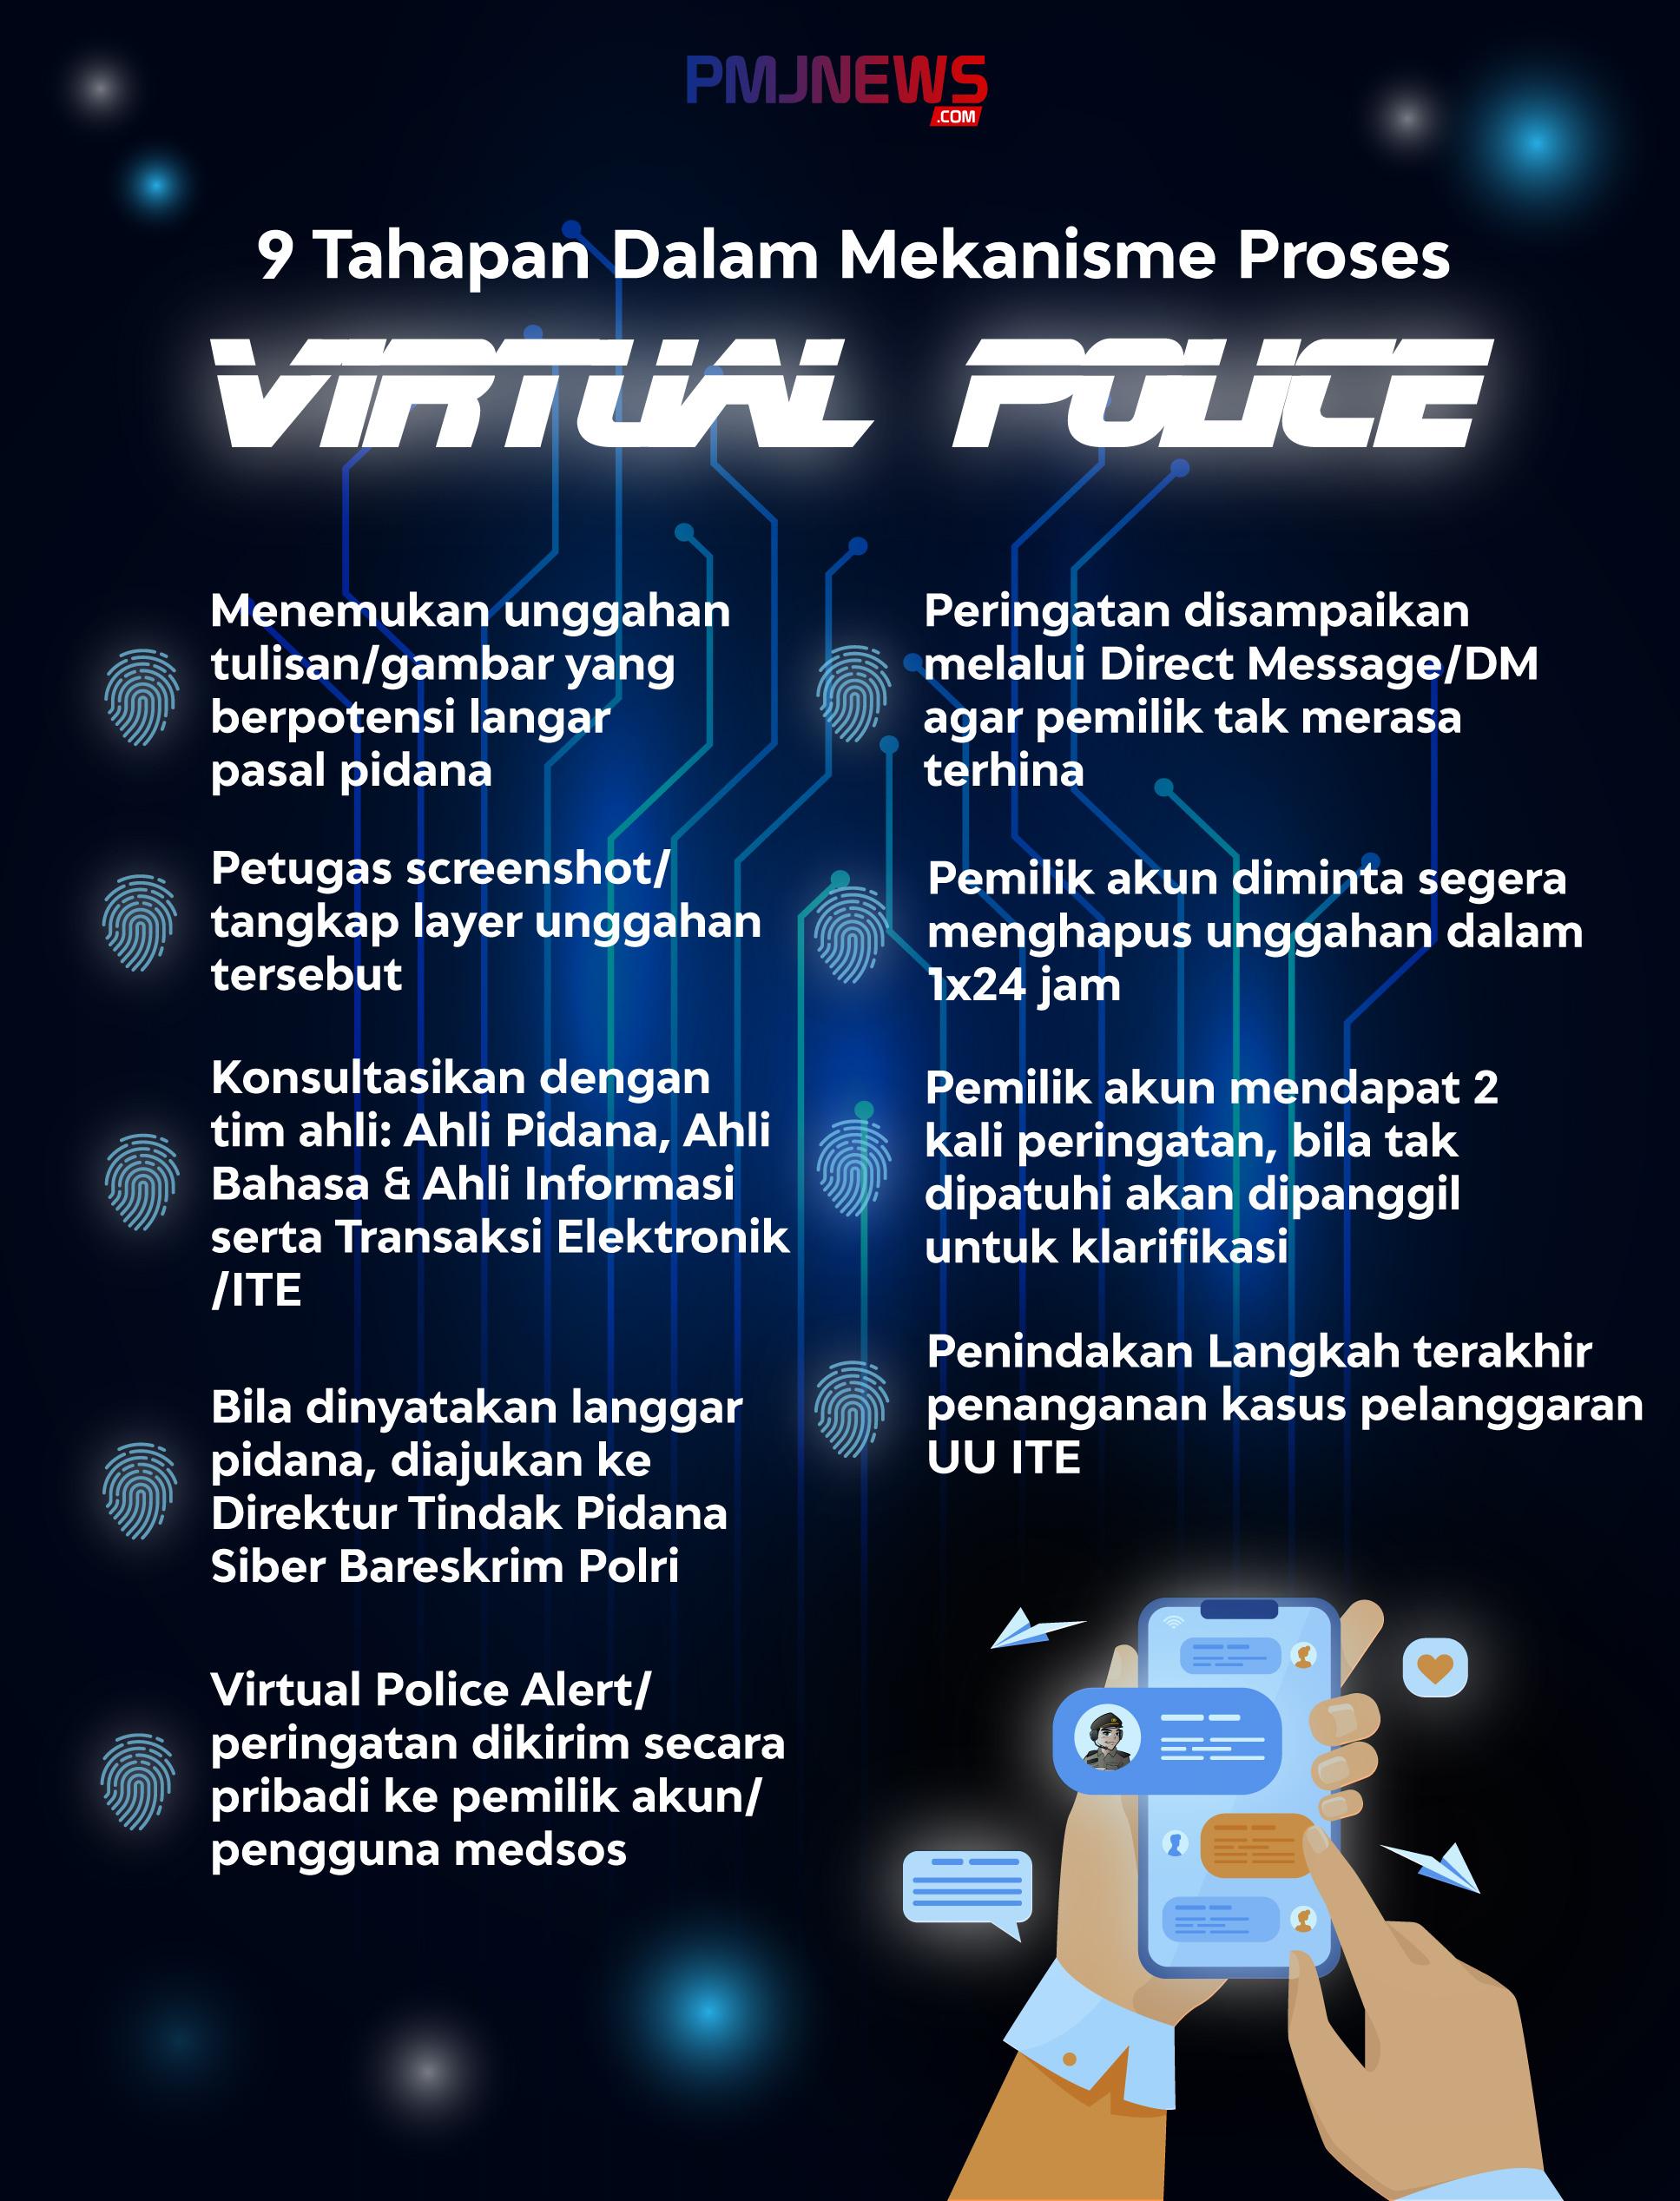 Mekanisme Proses Virtual Police. (Foto:PMJ News/Ilustrasi Grafis Jeje)